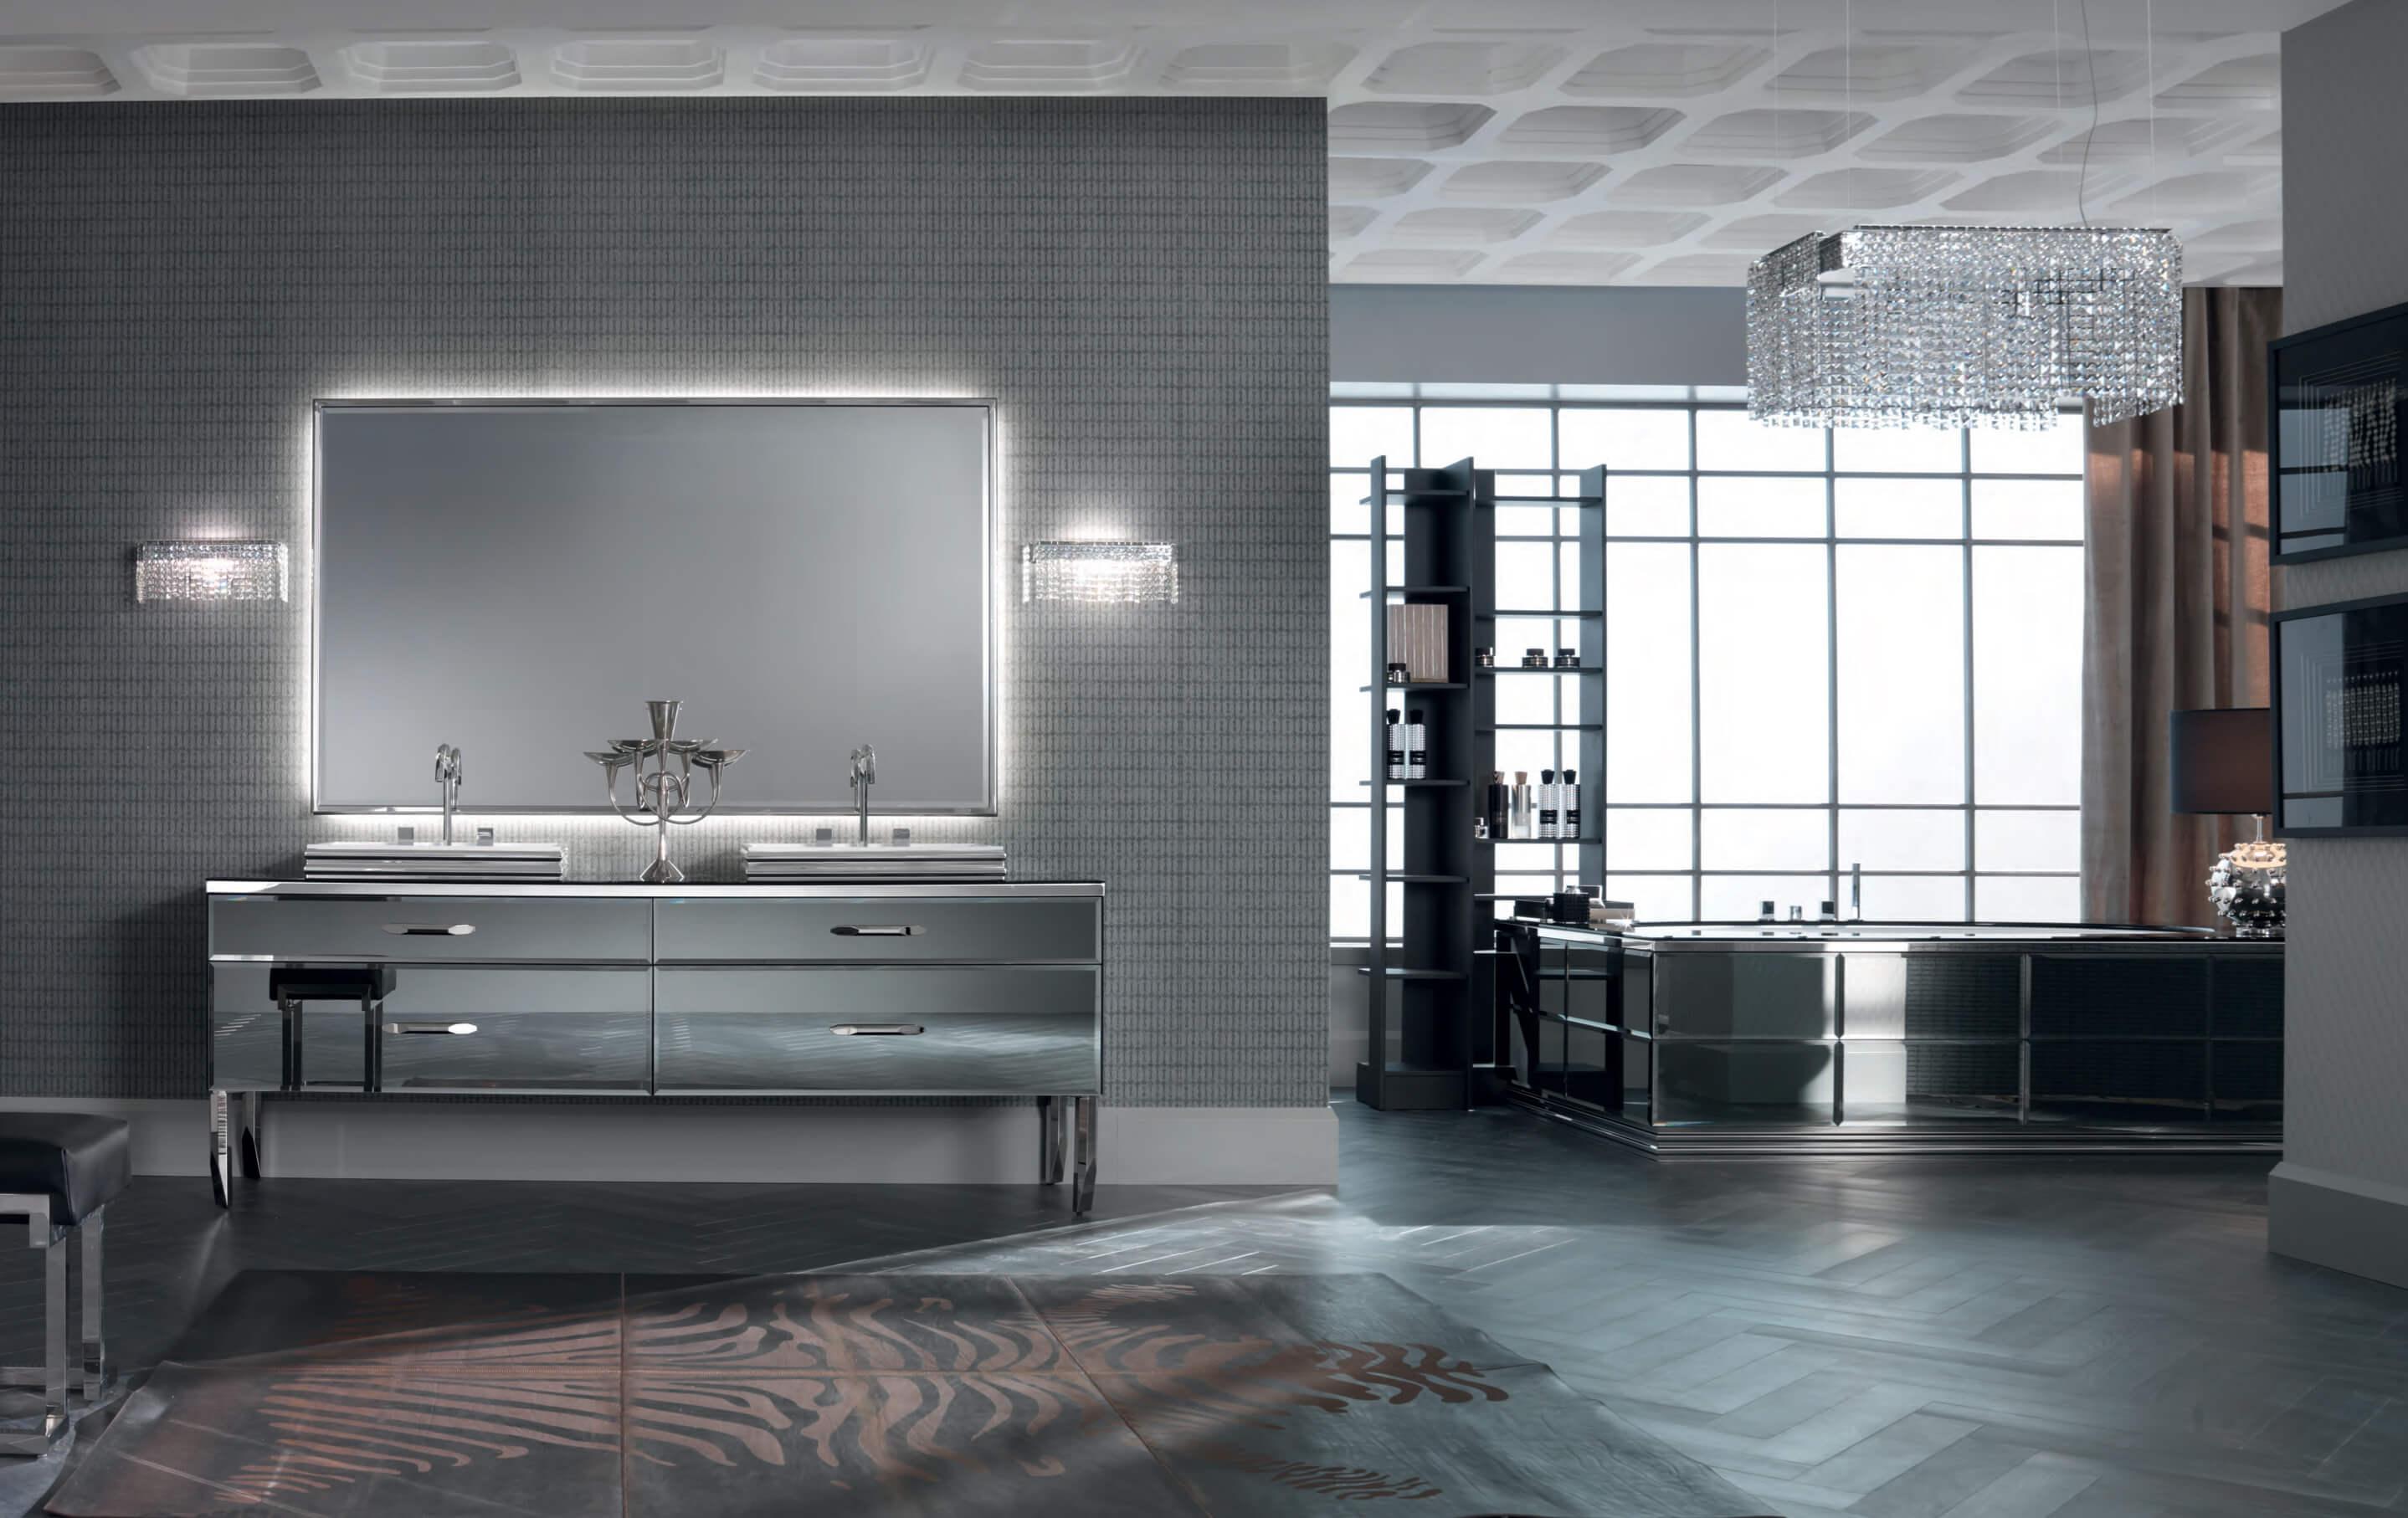 Ein Badezimmer wie vom Profi entsteht, wenn einfache Linien mit exklusiven Materialien verbunden werden. Diese Vision verwirklichten die Designer in der Ritz Kollektion: Inspiriert von klassischen Formen der Möbelstücke aus dem Goldenen Zeitalter wurden diese mit einem untrüglichen zeitgemäßen Finish in das 21. Jahrhundert befördert. Essentielle, eindrucksvolle Möbelstücke profitieren von der scheinbar nackten Linienführung. Geometrisch scharfe Paneele auf den Fronten der Waschtischunterschränke und im Inneren des Waschbeckens setzten ein starkes und selbstbewusstes Statement. Durch den Einsatz zeitloser Materialien, wie Marmor, Glas und Edelstahl entsteht ein luxuriöser Eindruck, der das Stilgefühl des Eigentümers und seine geradlinige Natur unterstreicht.